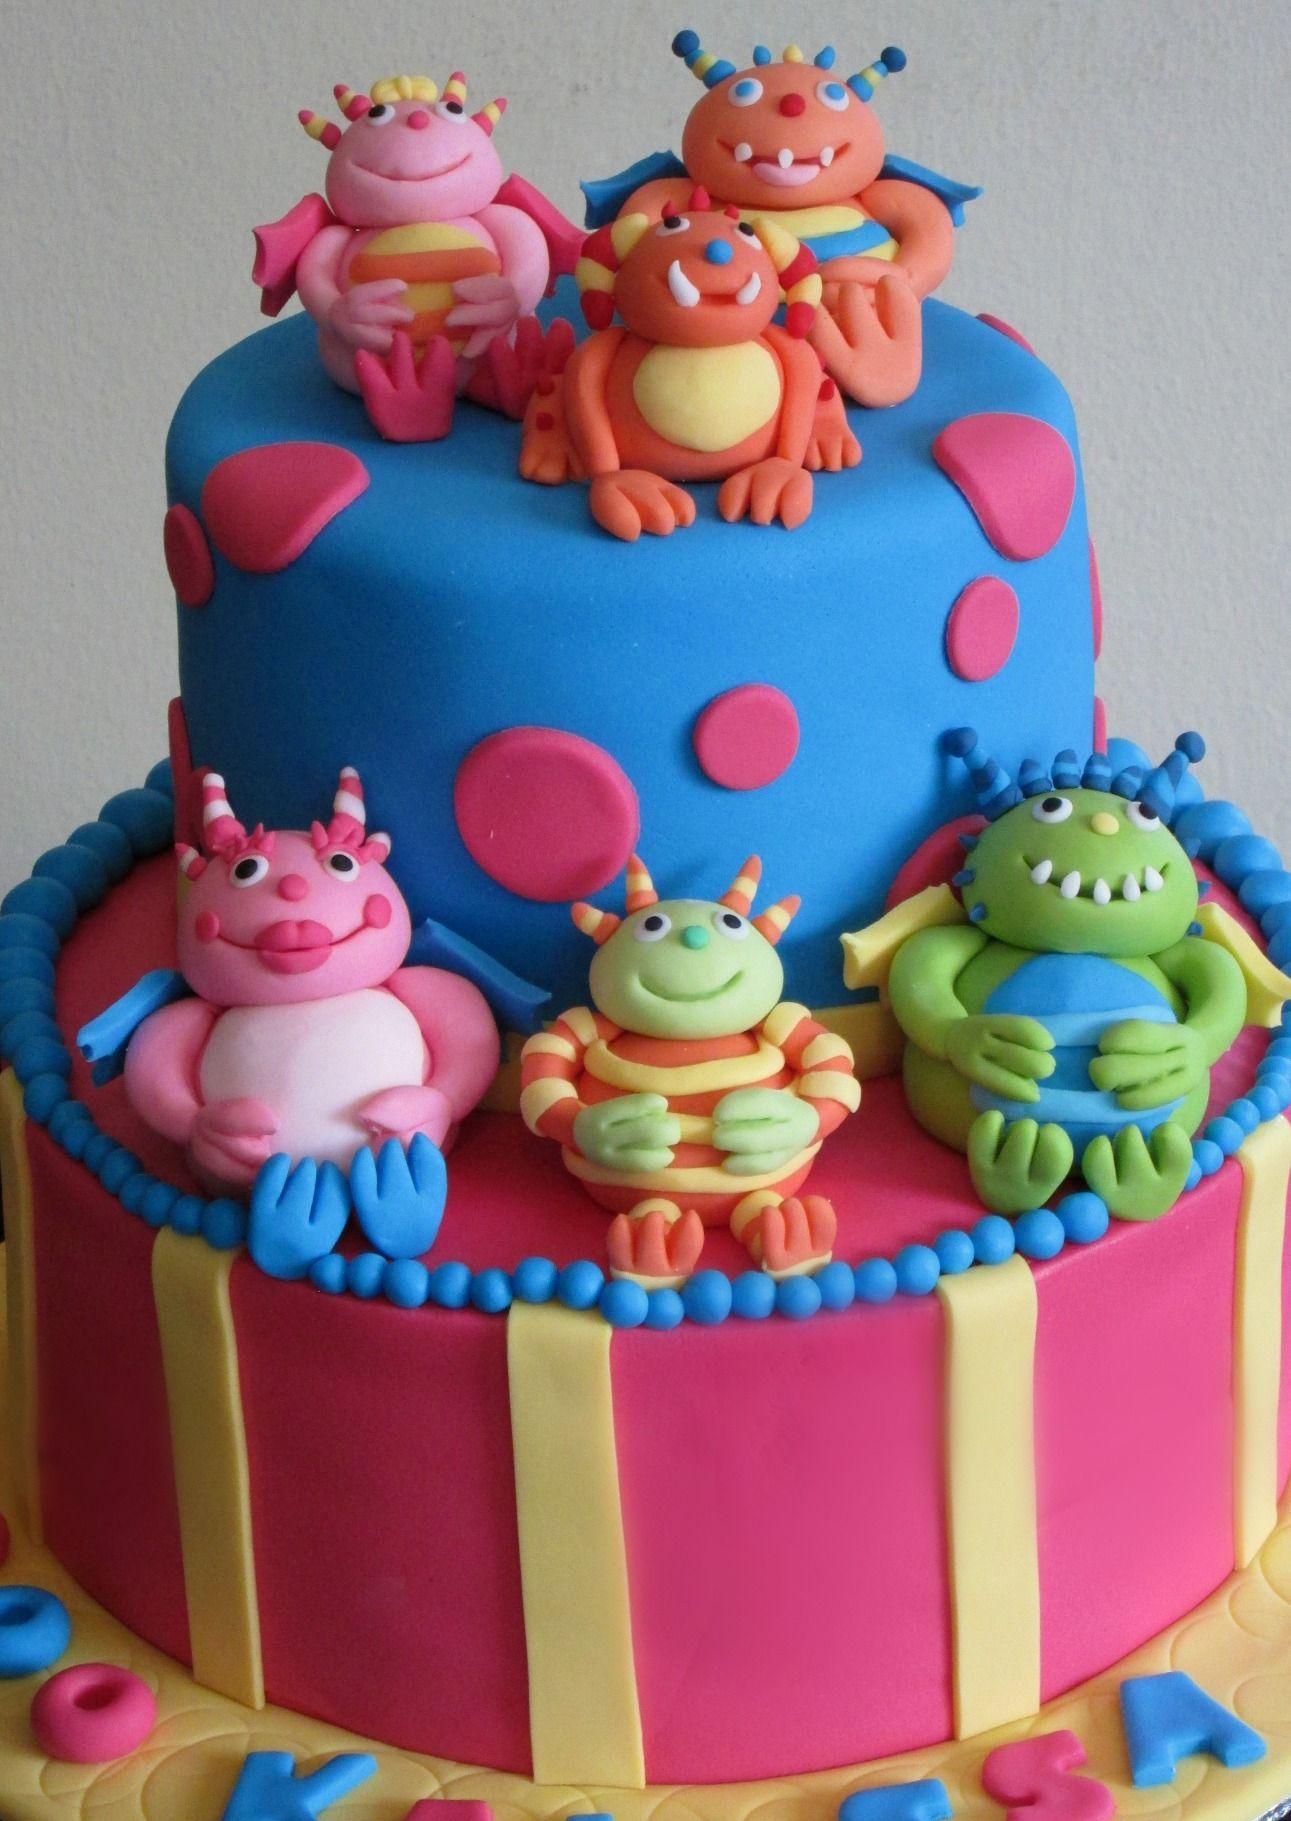 Henry Hugglemonster cake for a 3year old birthdaygirl Jaylas